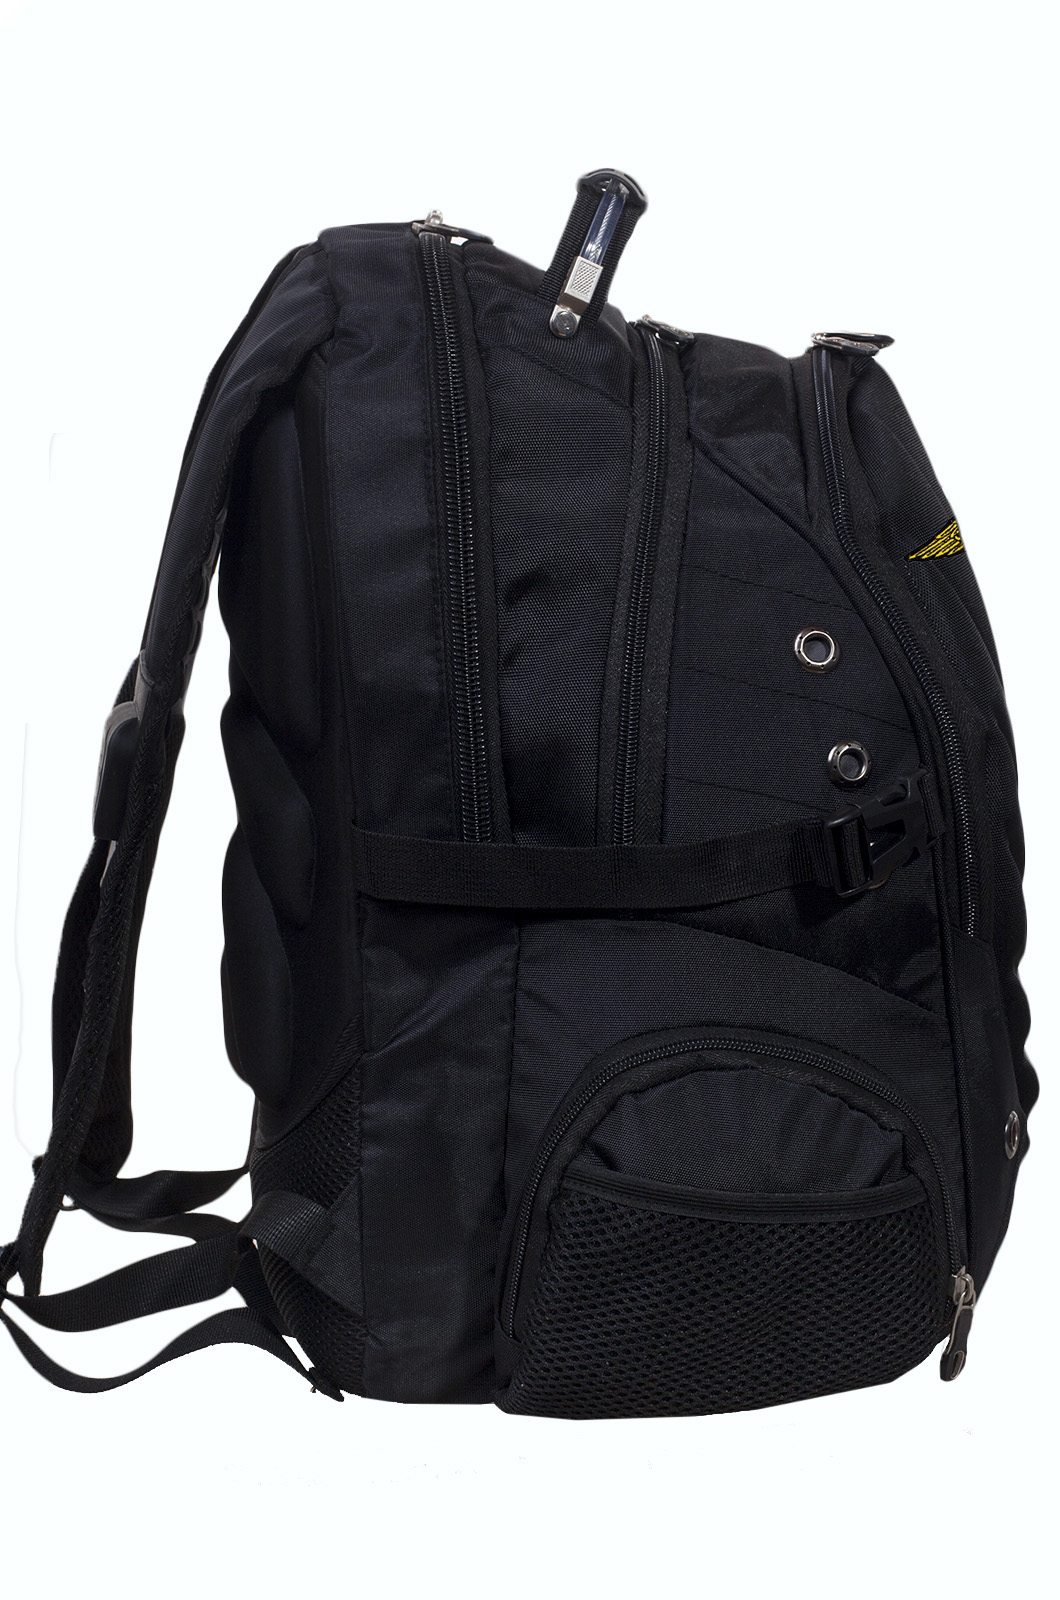 Зачетный универсальный рюкзак с нашивкой МВД России - заказать онлайн